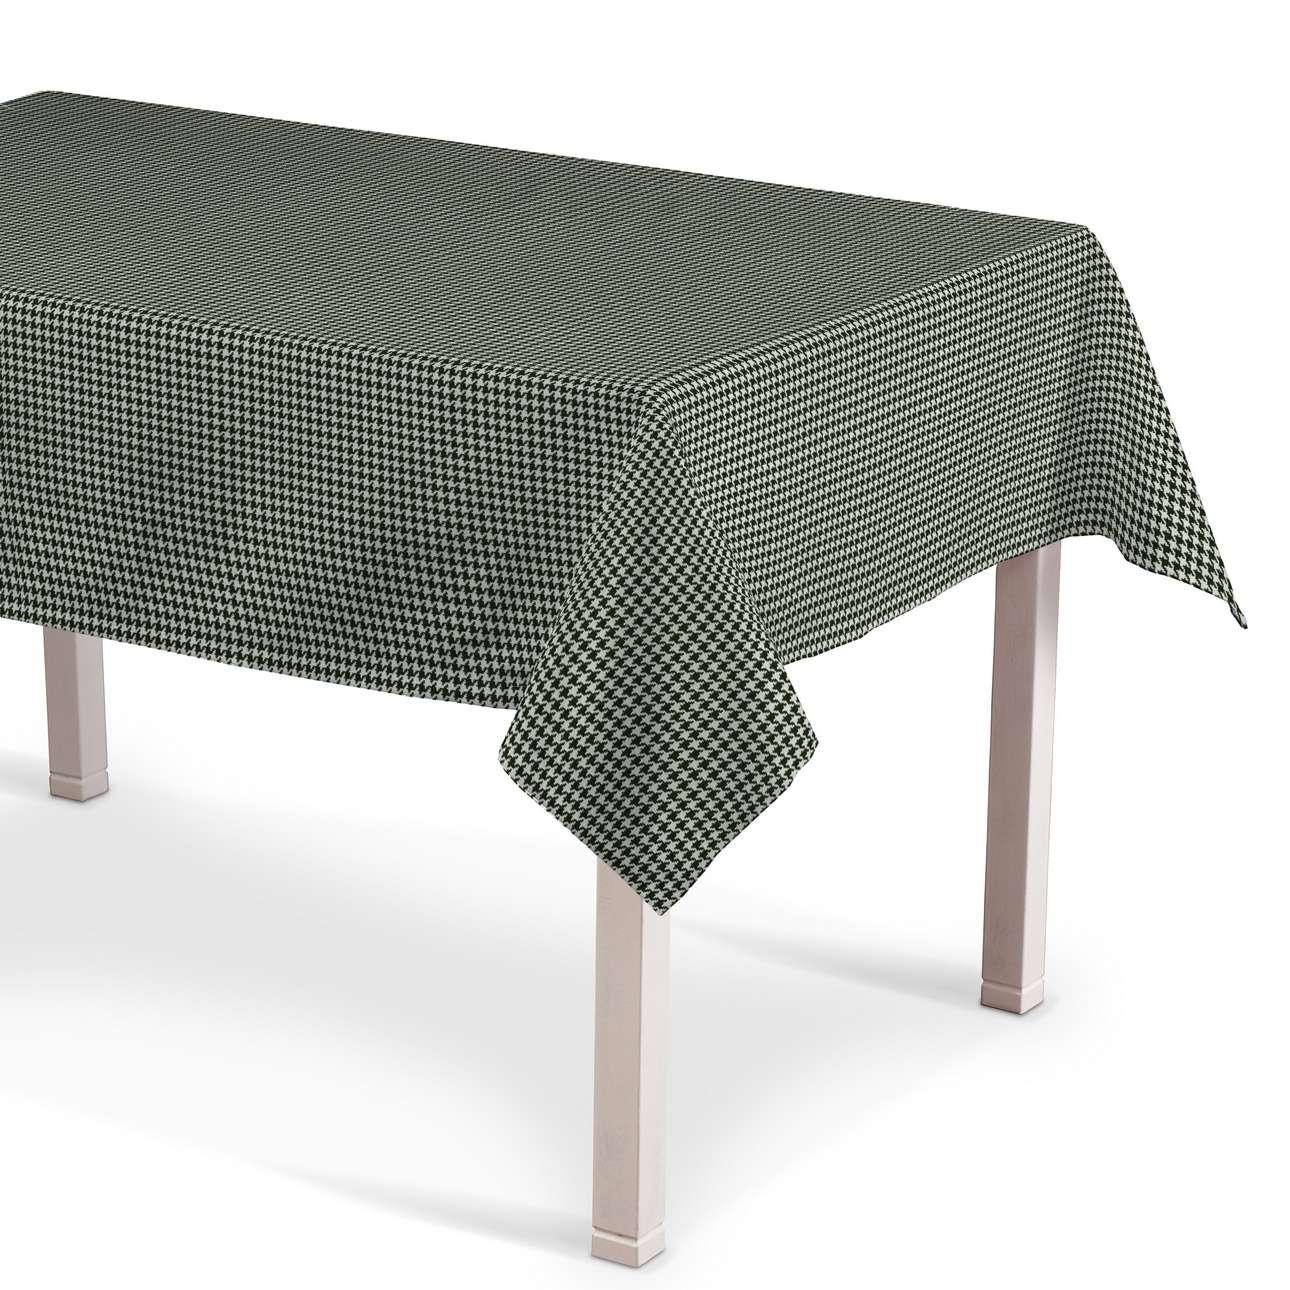 Rektangulære borddug fra kollektionen Black & White, Stof: 142-77